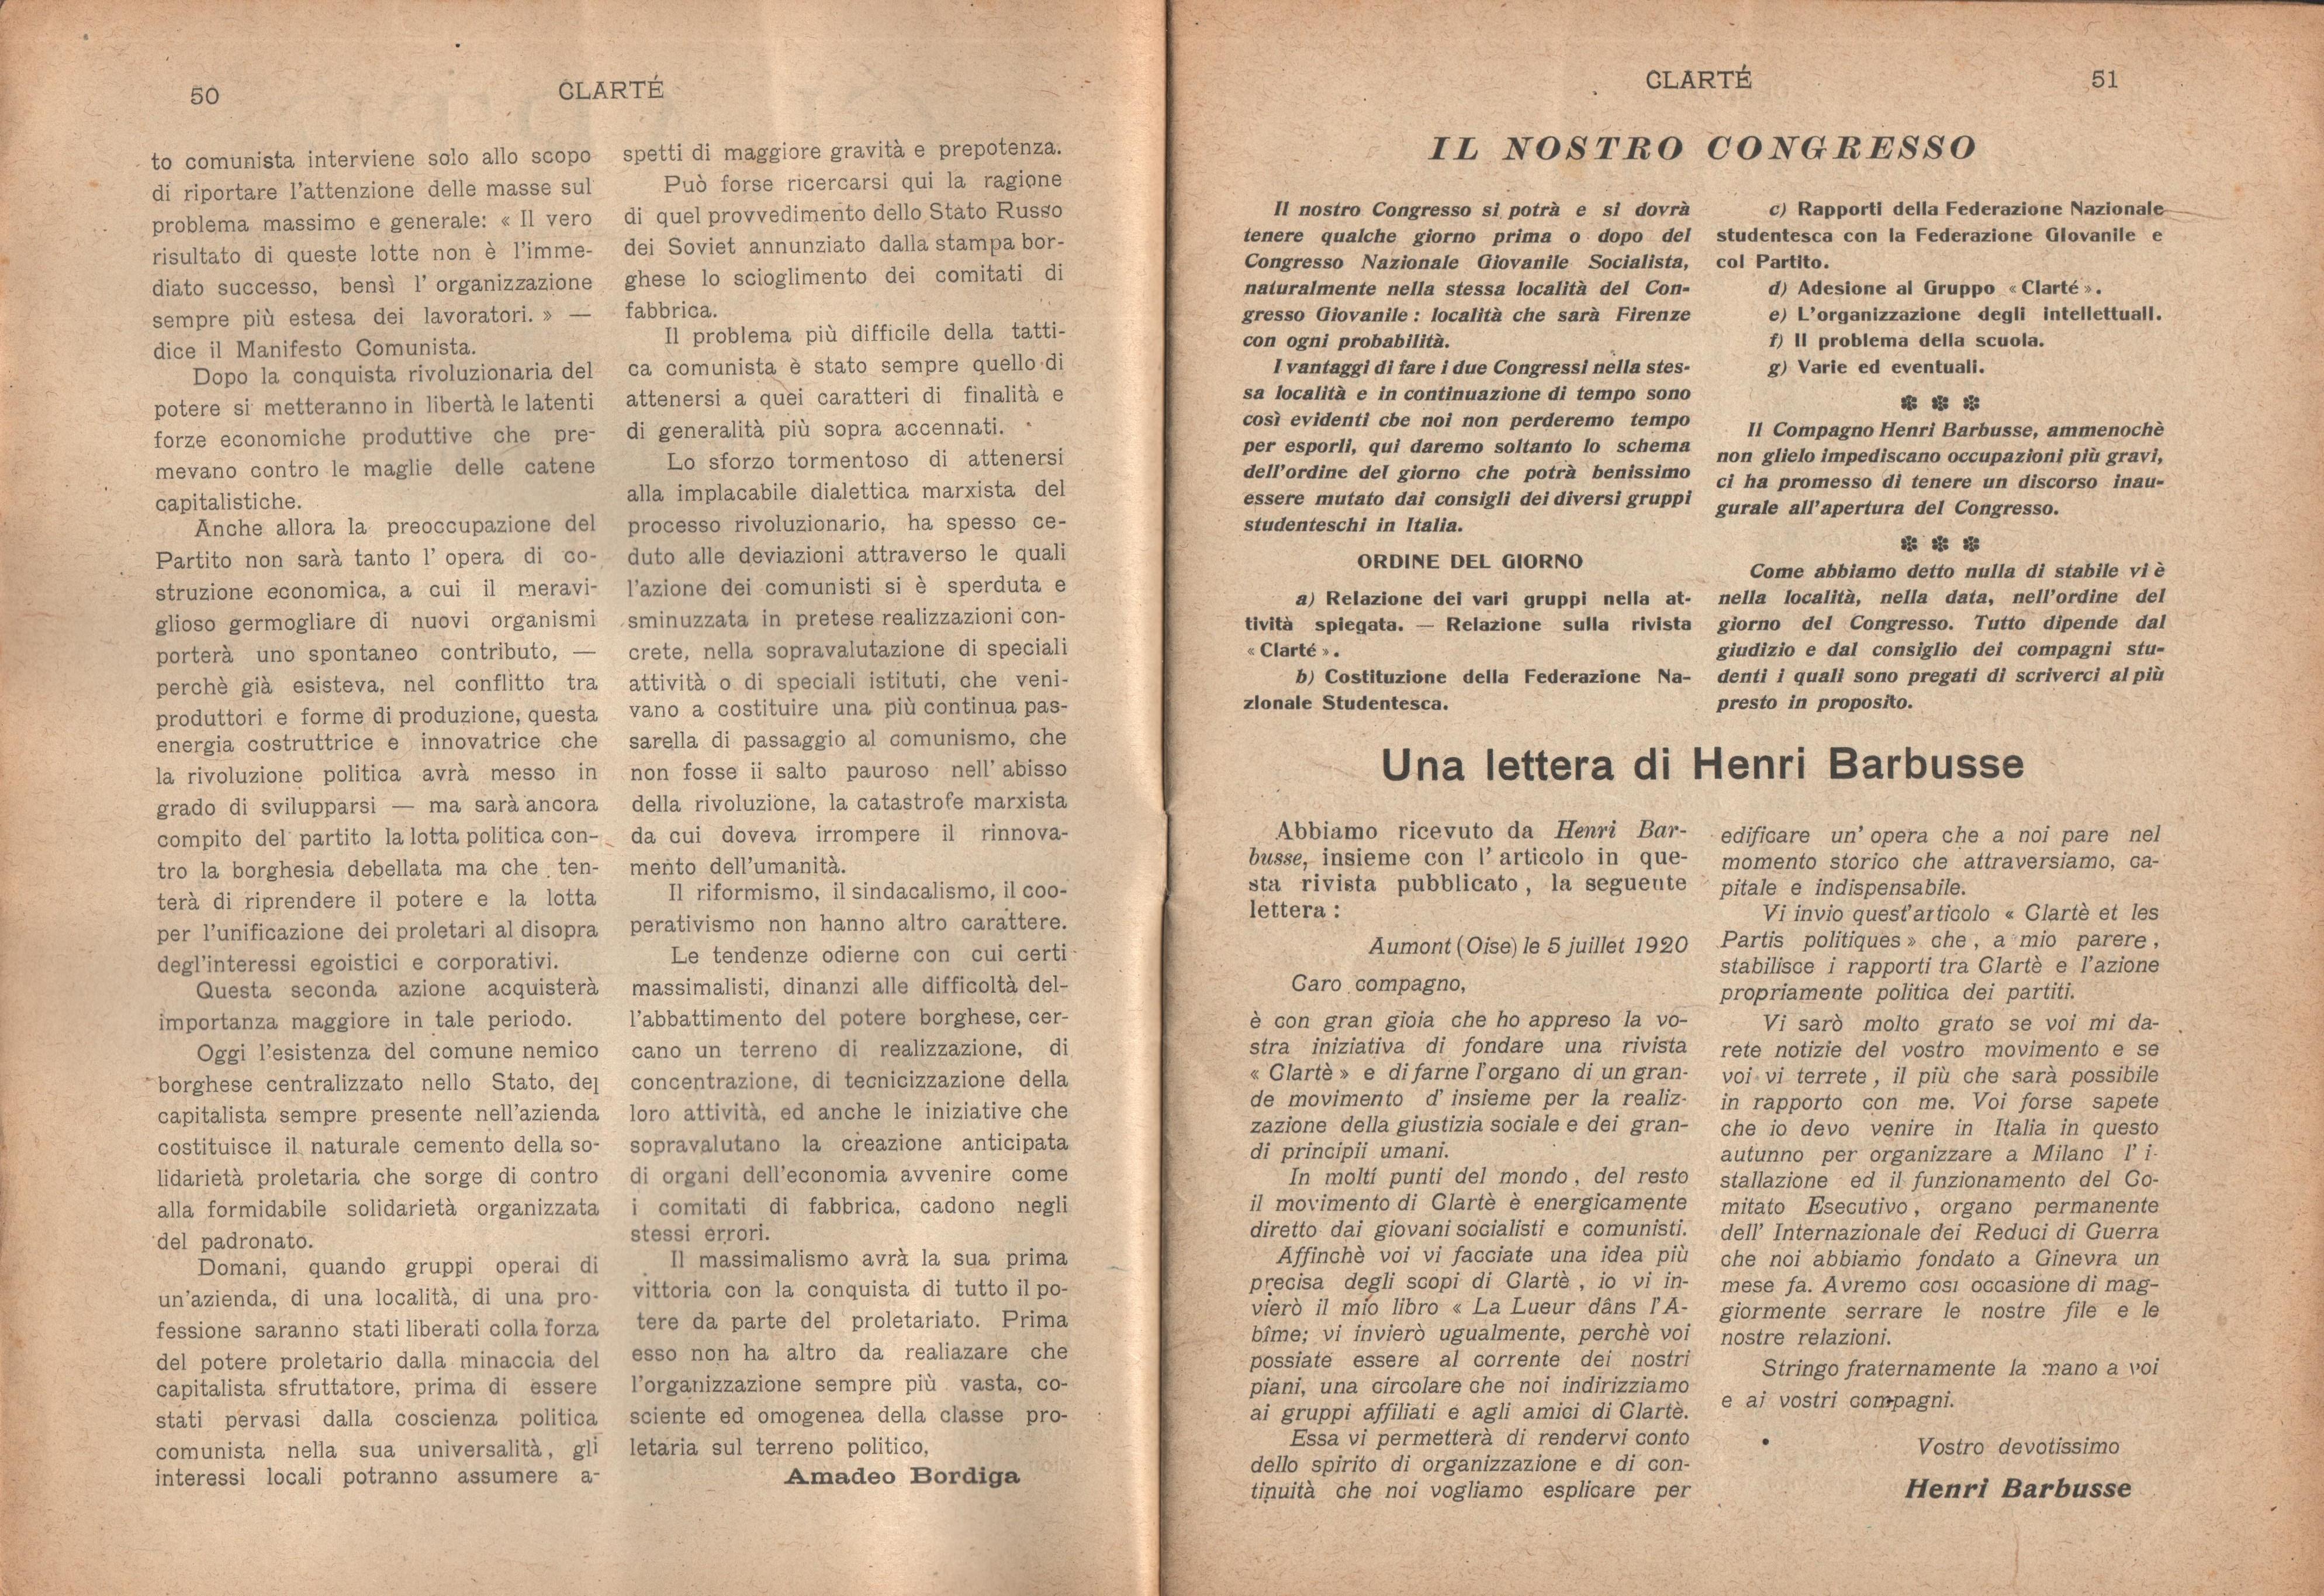 Clarté. Rivista mensile degli studenti comunisti (a. I, n. 3, Palermo, 15 luglio 1920) - pag. 3